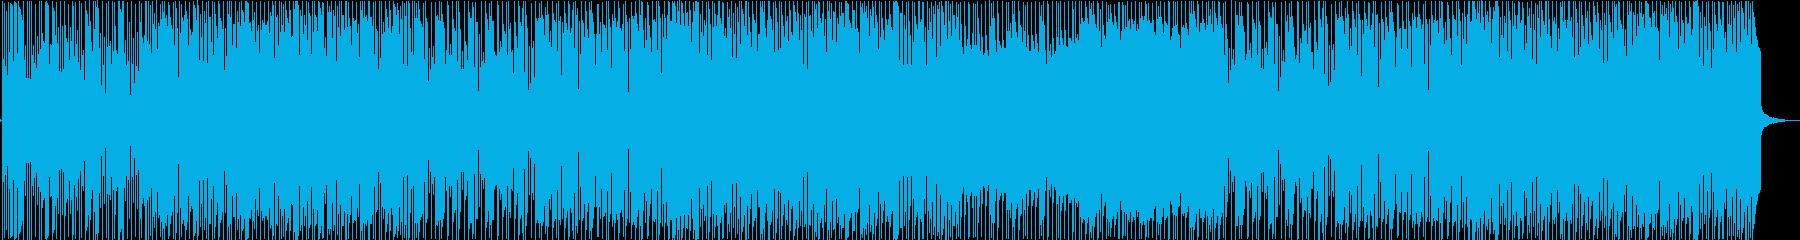 かっこいいギターロックBGM 生演奏!の再生済みの波形